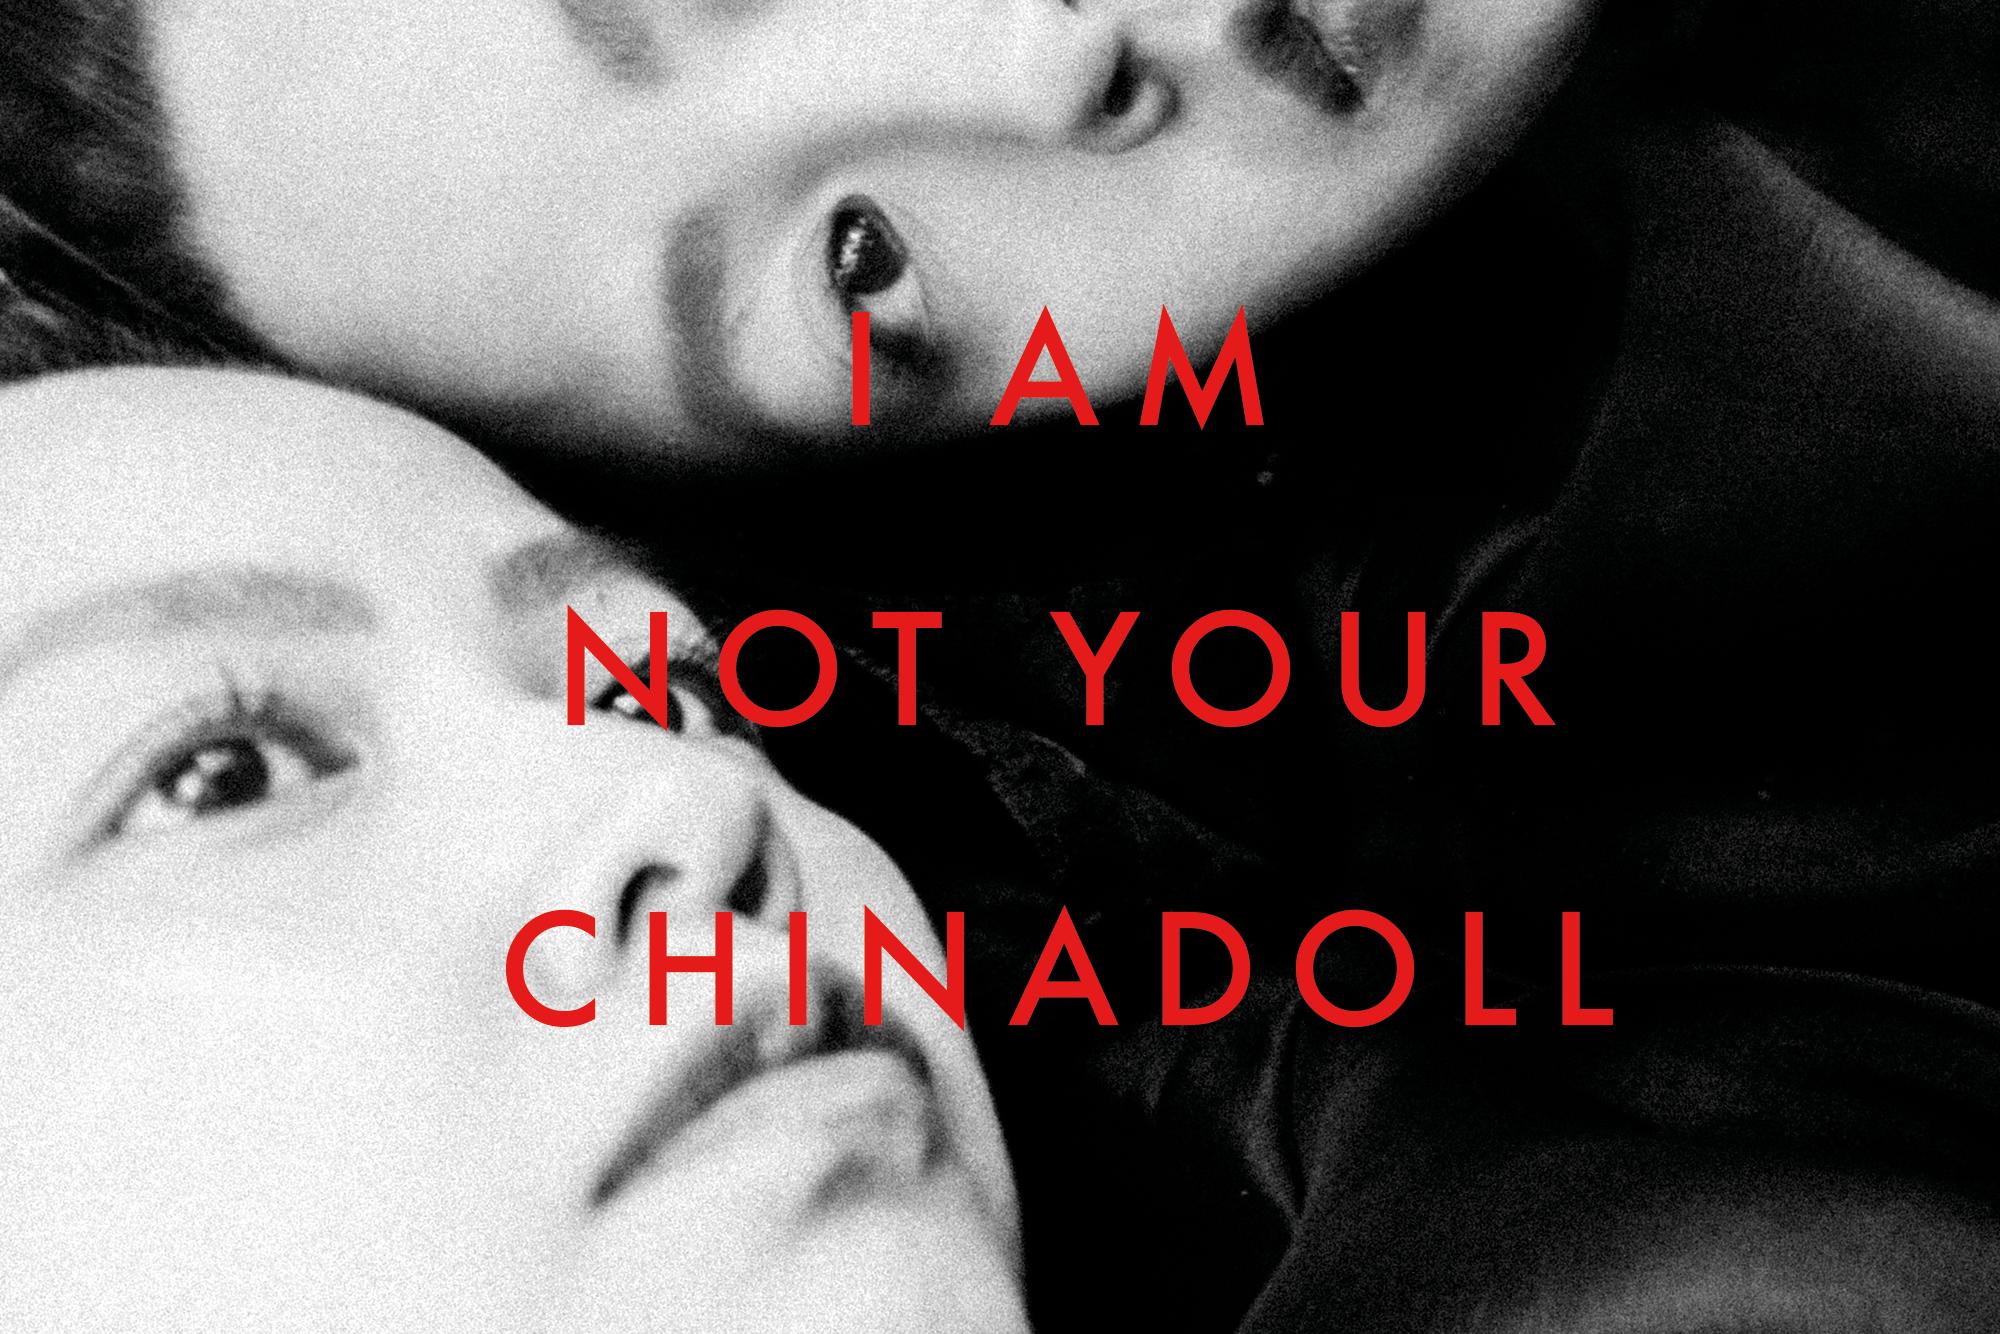 I AM NOT YOUR CHINADOLL! – Kolumne über Sexismus, Cultural Appropriation, Fetishisierung der asiatischen Frau in westlichen Ländern / iHeartAlice.com